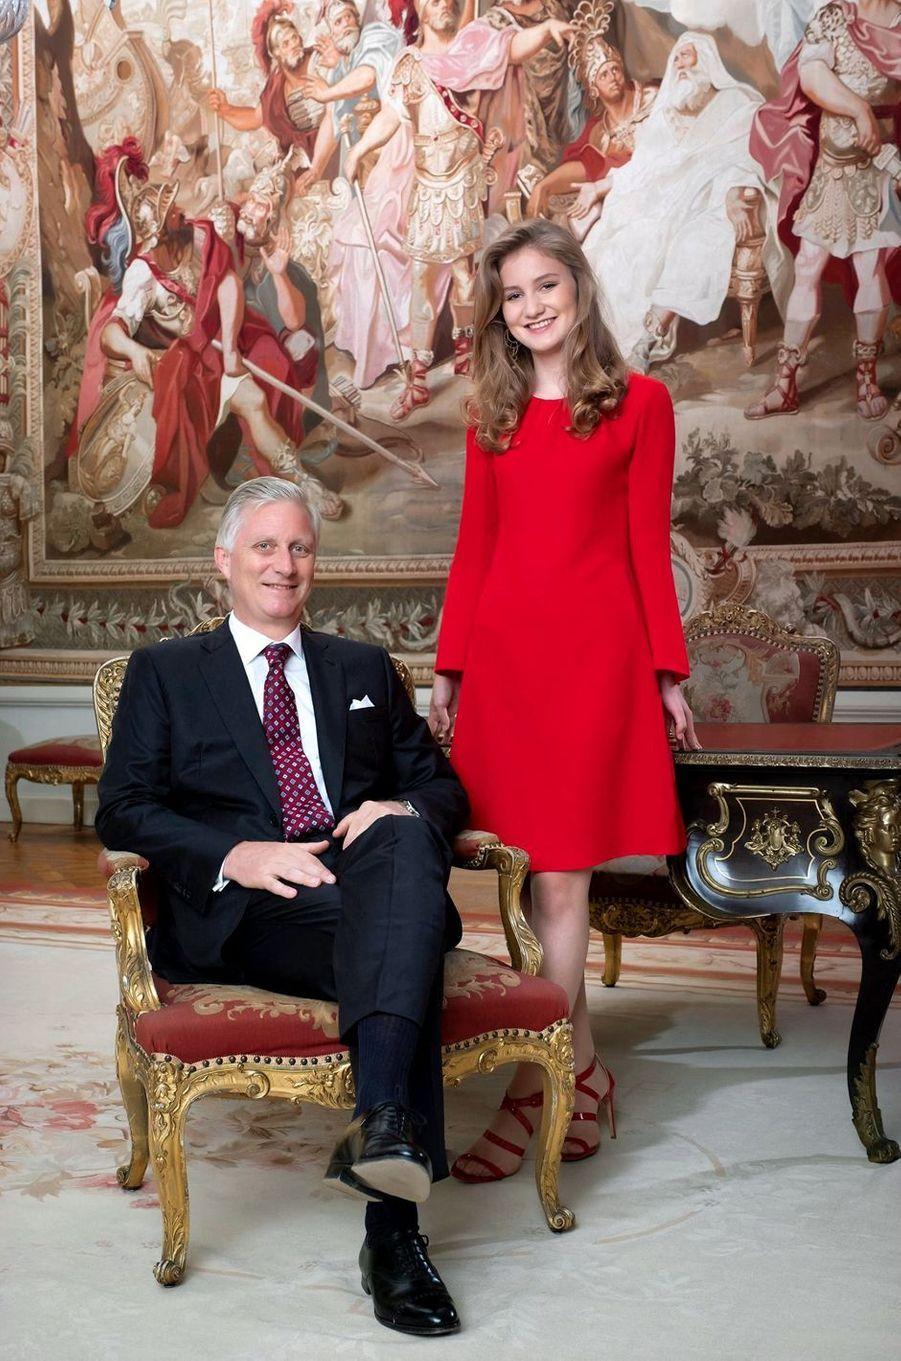 Portrait officiel de la princesse héritière Elisabeth de Belgique avec son père le roi des Belges Philippe, diffusé le 23 octobre 2019, deux jours avant ses 18 ans